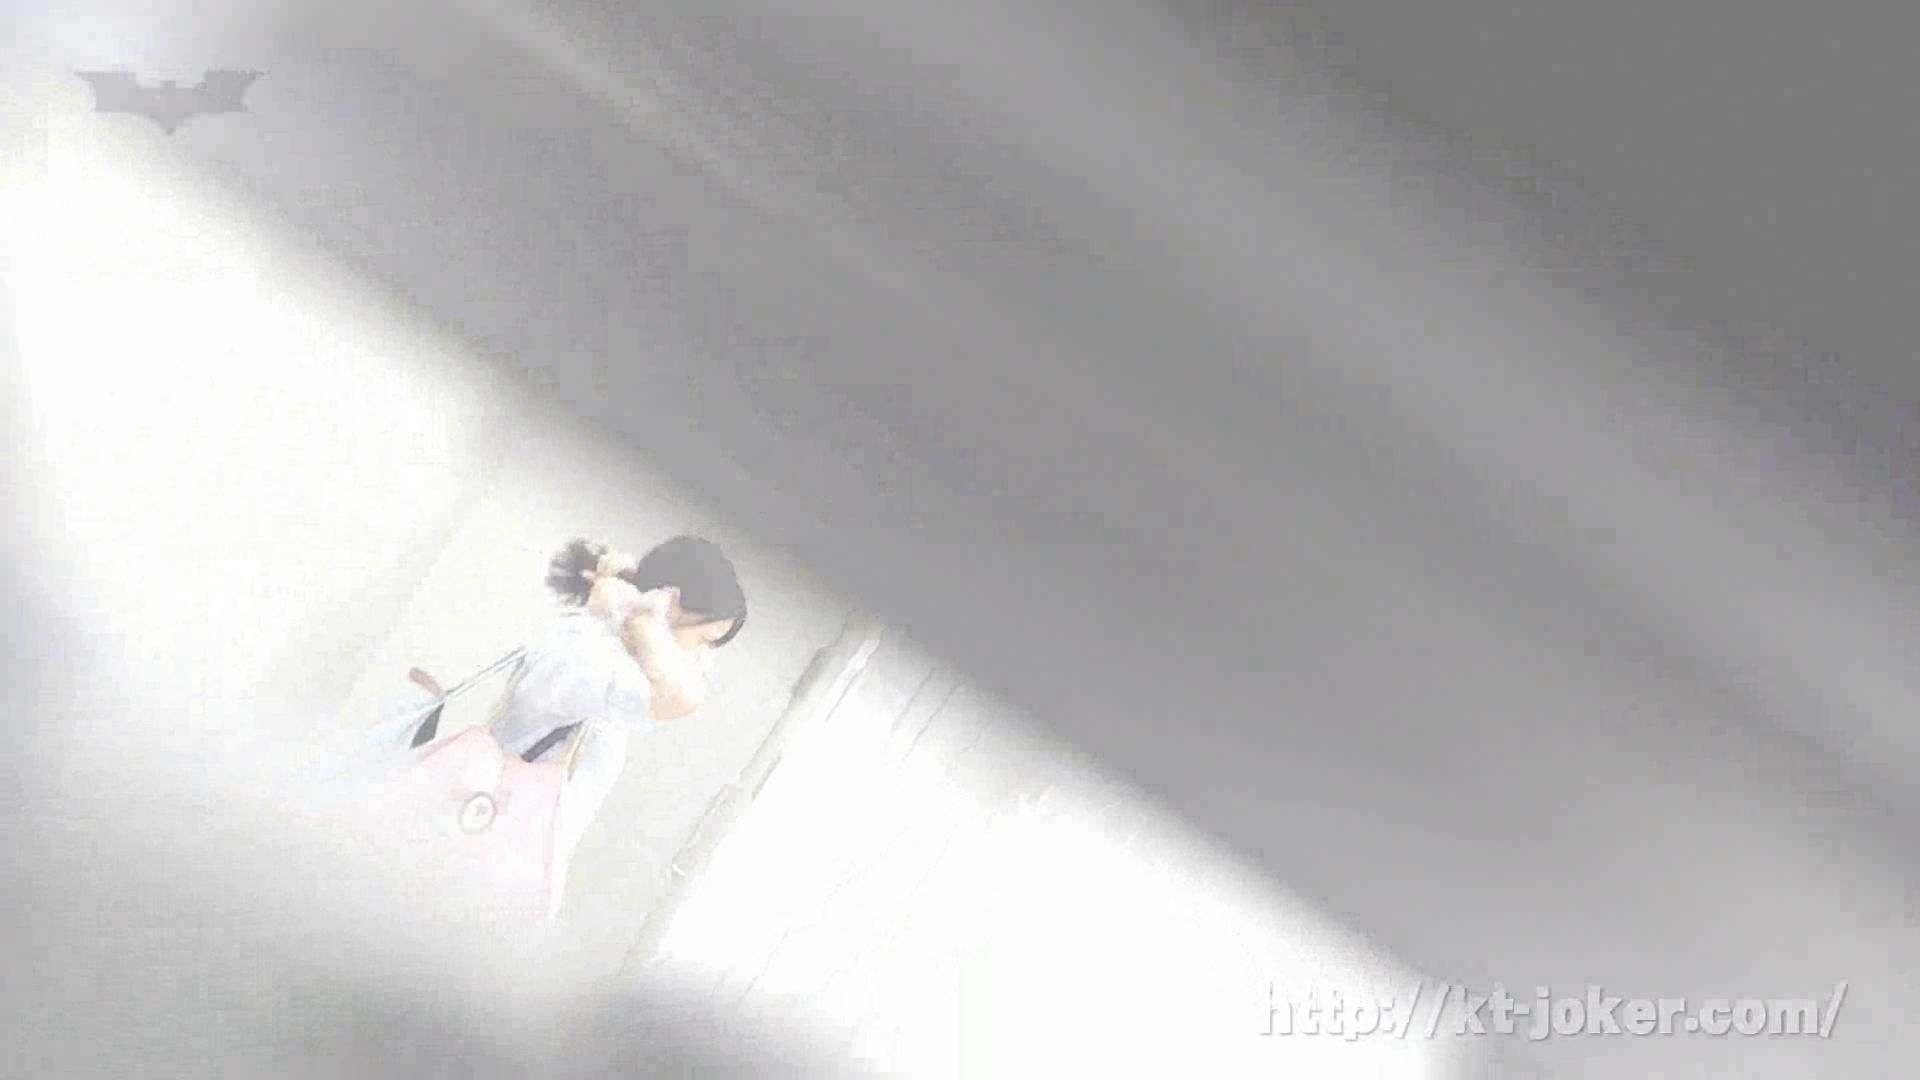 命がけ潜伏洗面所! vol.67 女性の日特集!! 洗面所 | OLエロ画像  93PICs 82